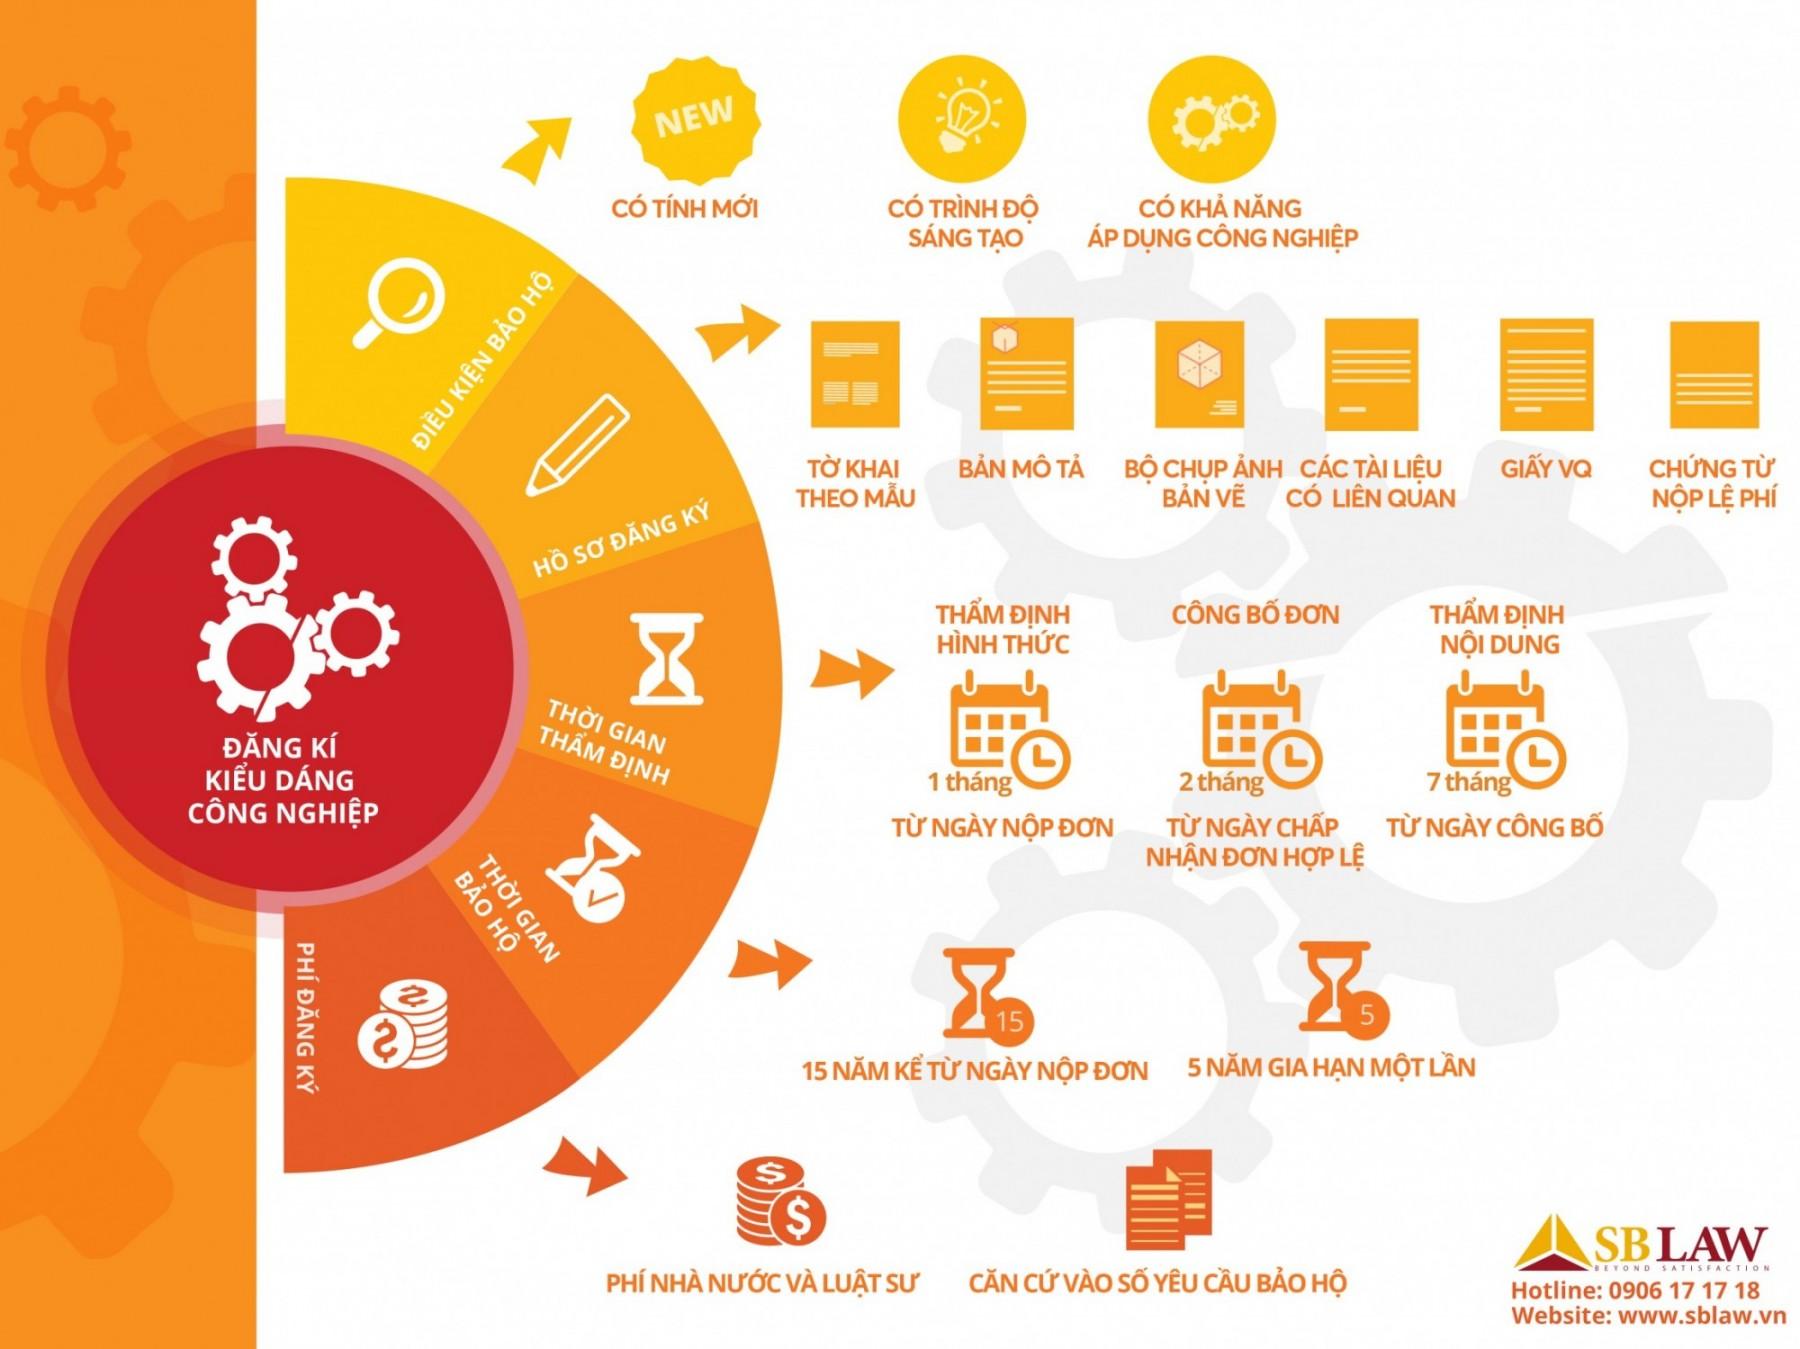 Infographic_dang-ki-kieu-dang-cong-nghiep-e1473154686742